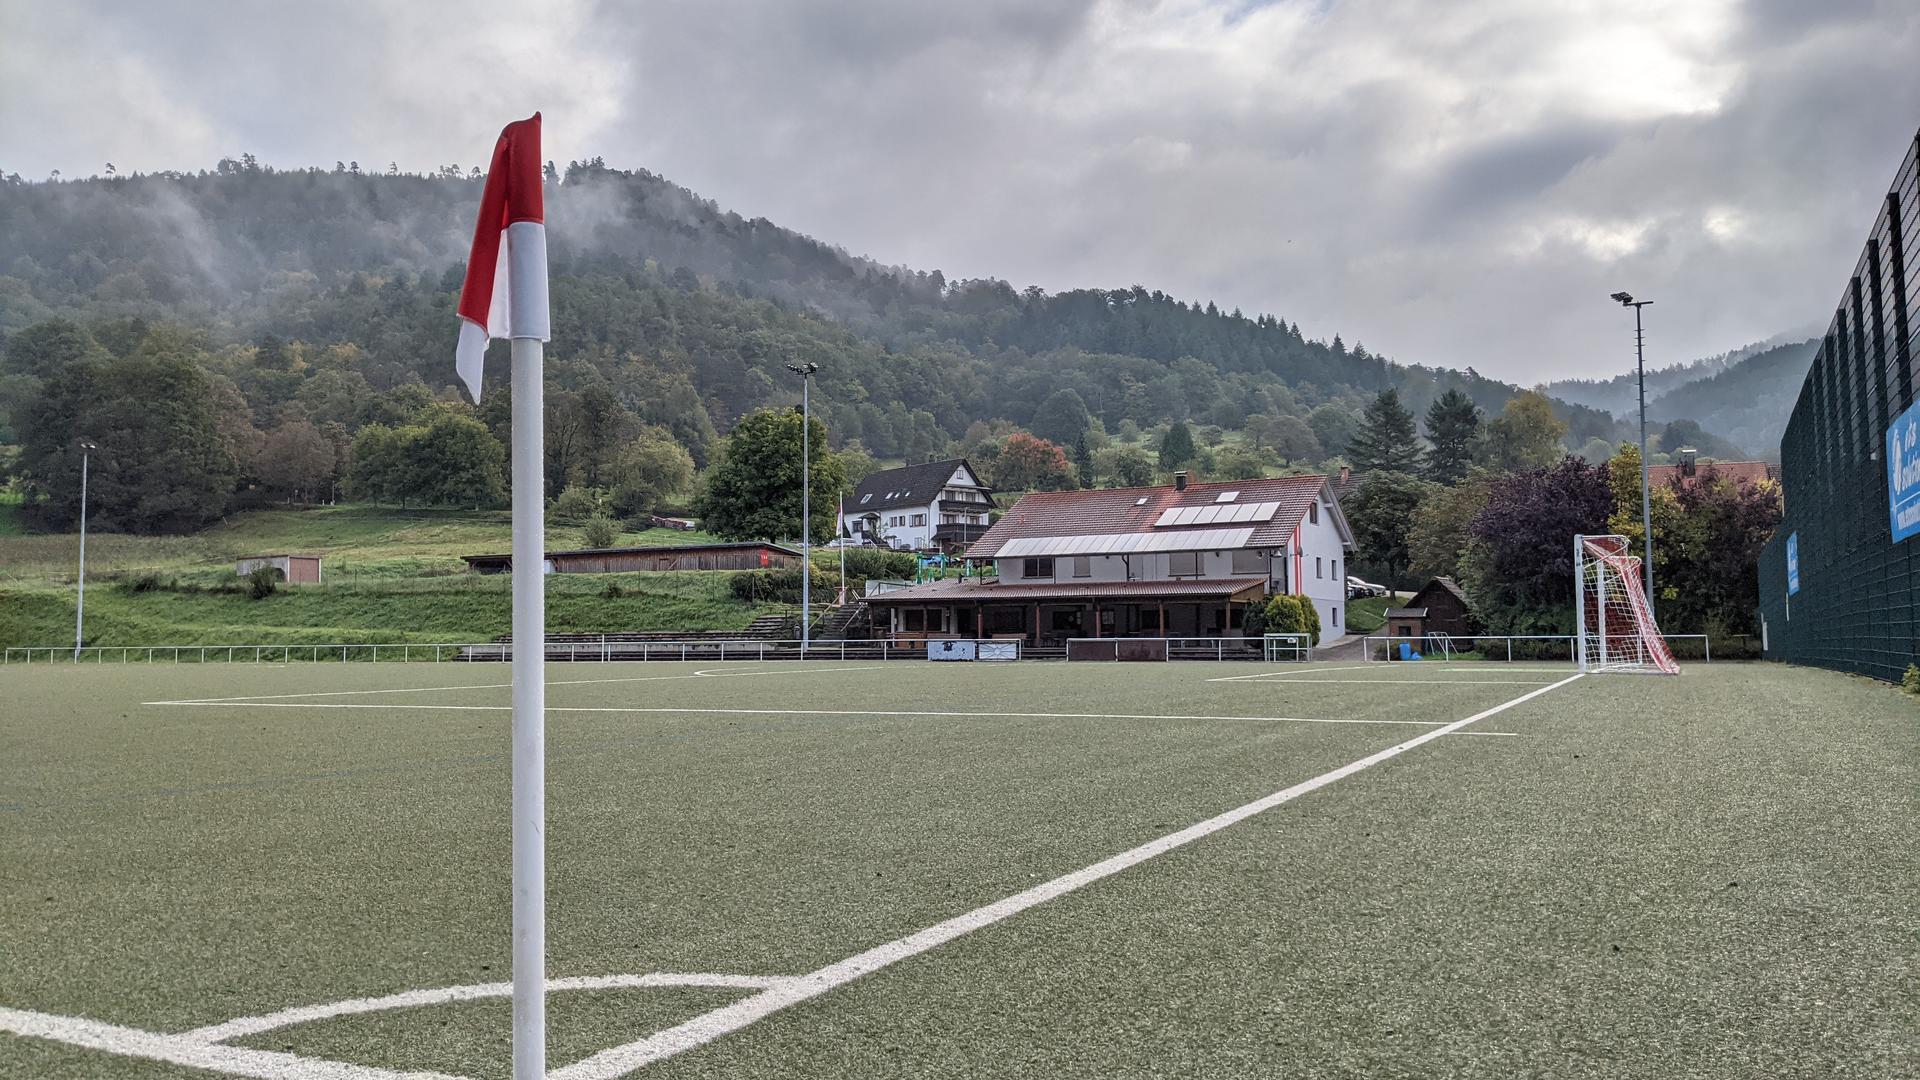 Ein Fußballplatz von der Eckfahne aus fotografiert